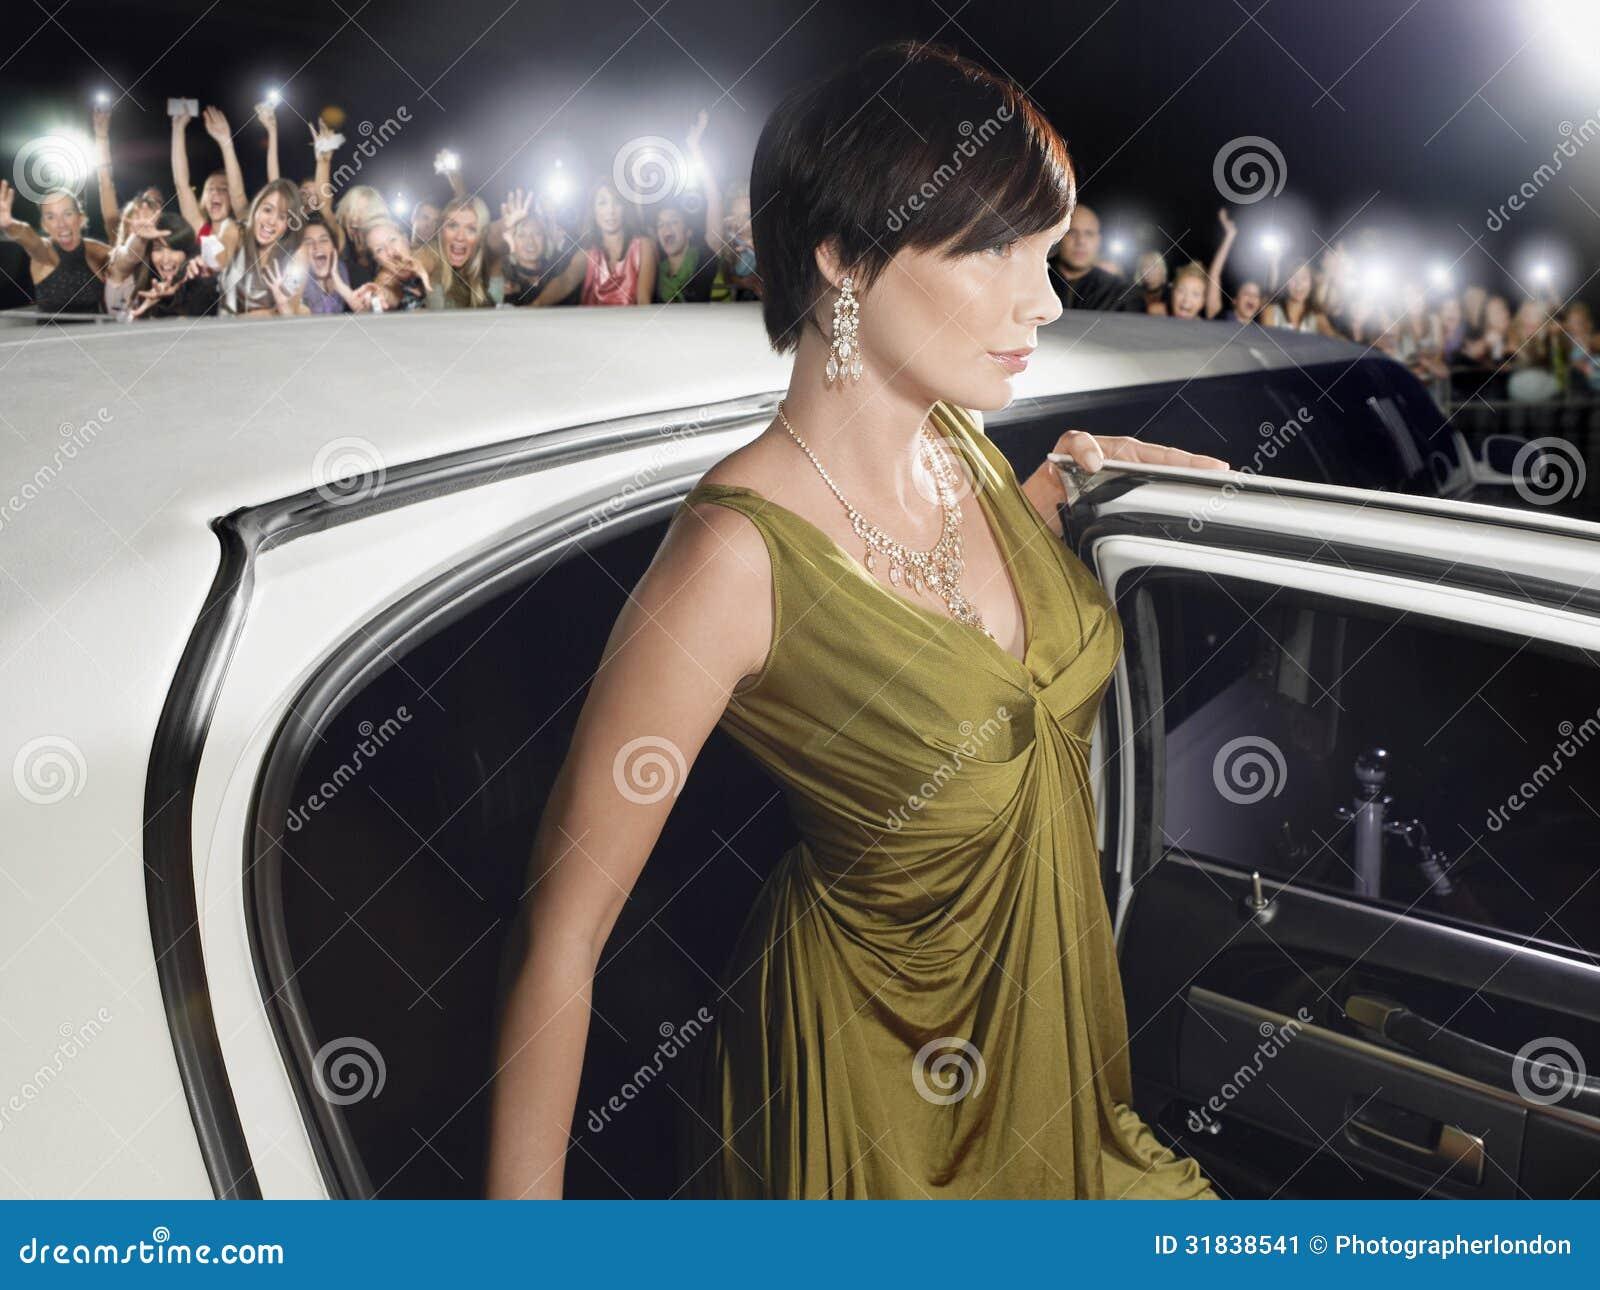 El salir de la mujer de la limusina en Front Of Fans And Paparazzi